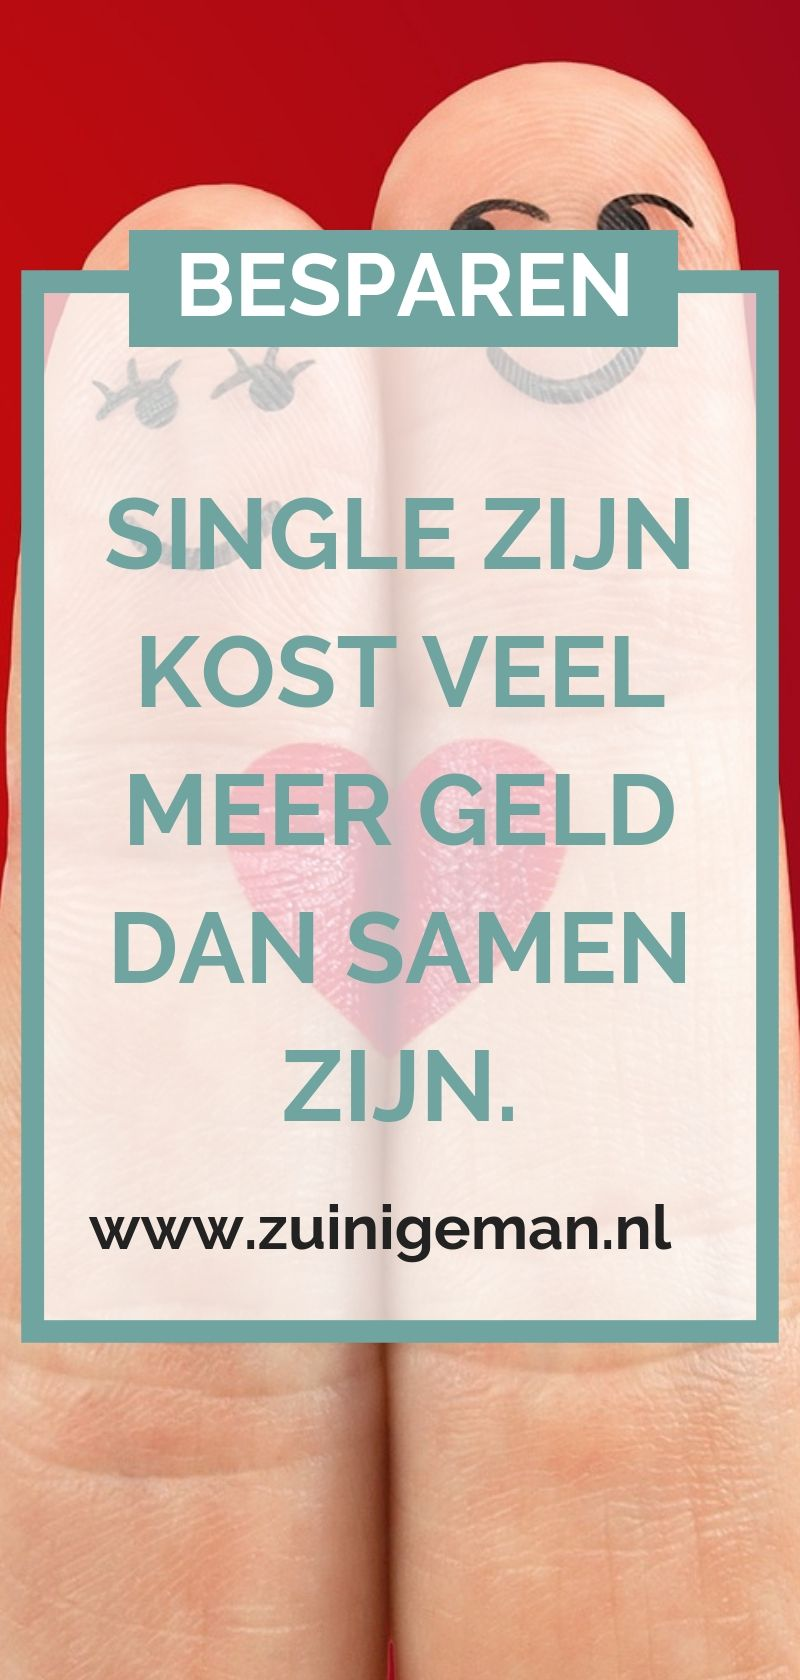 Kosten als single